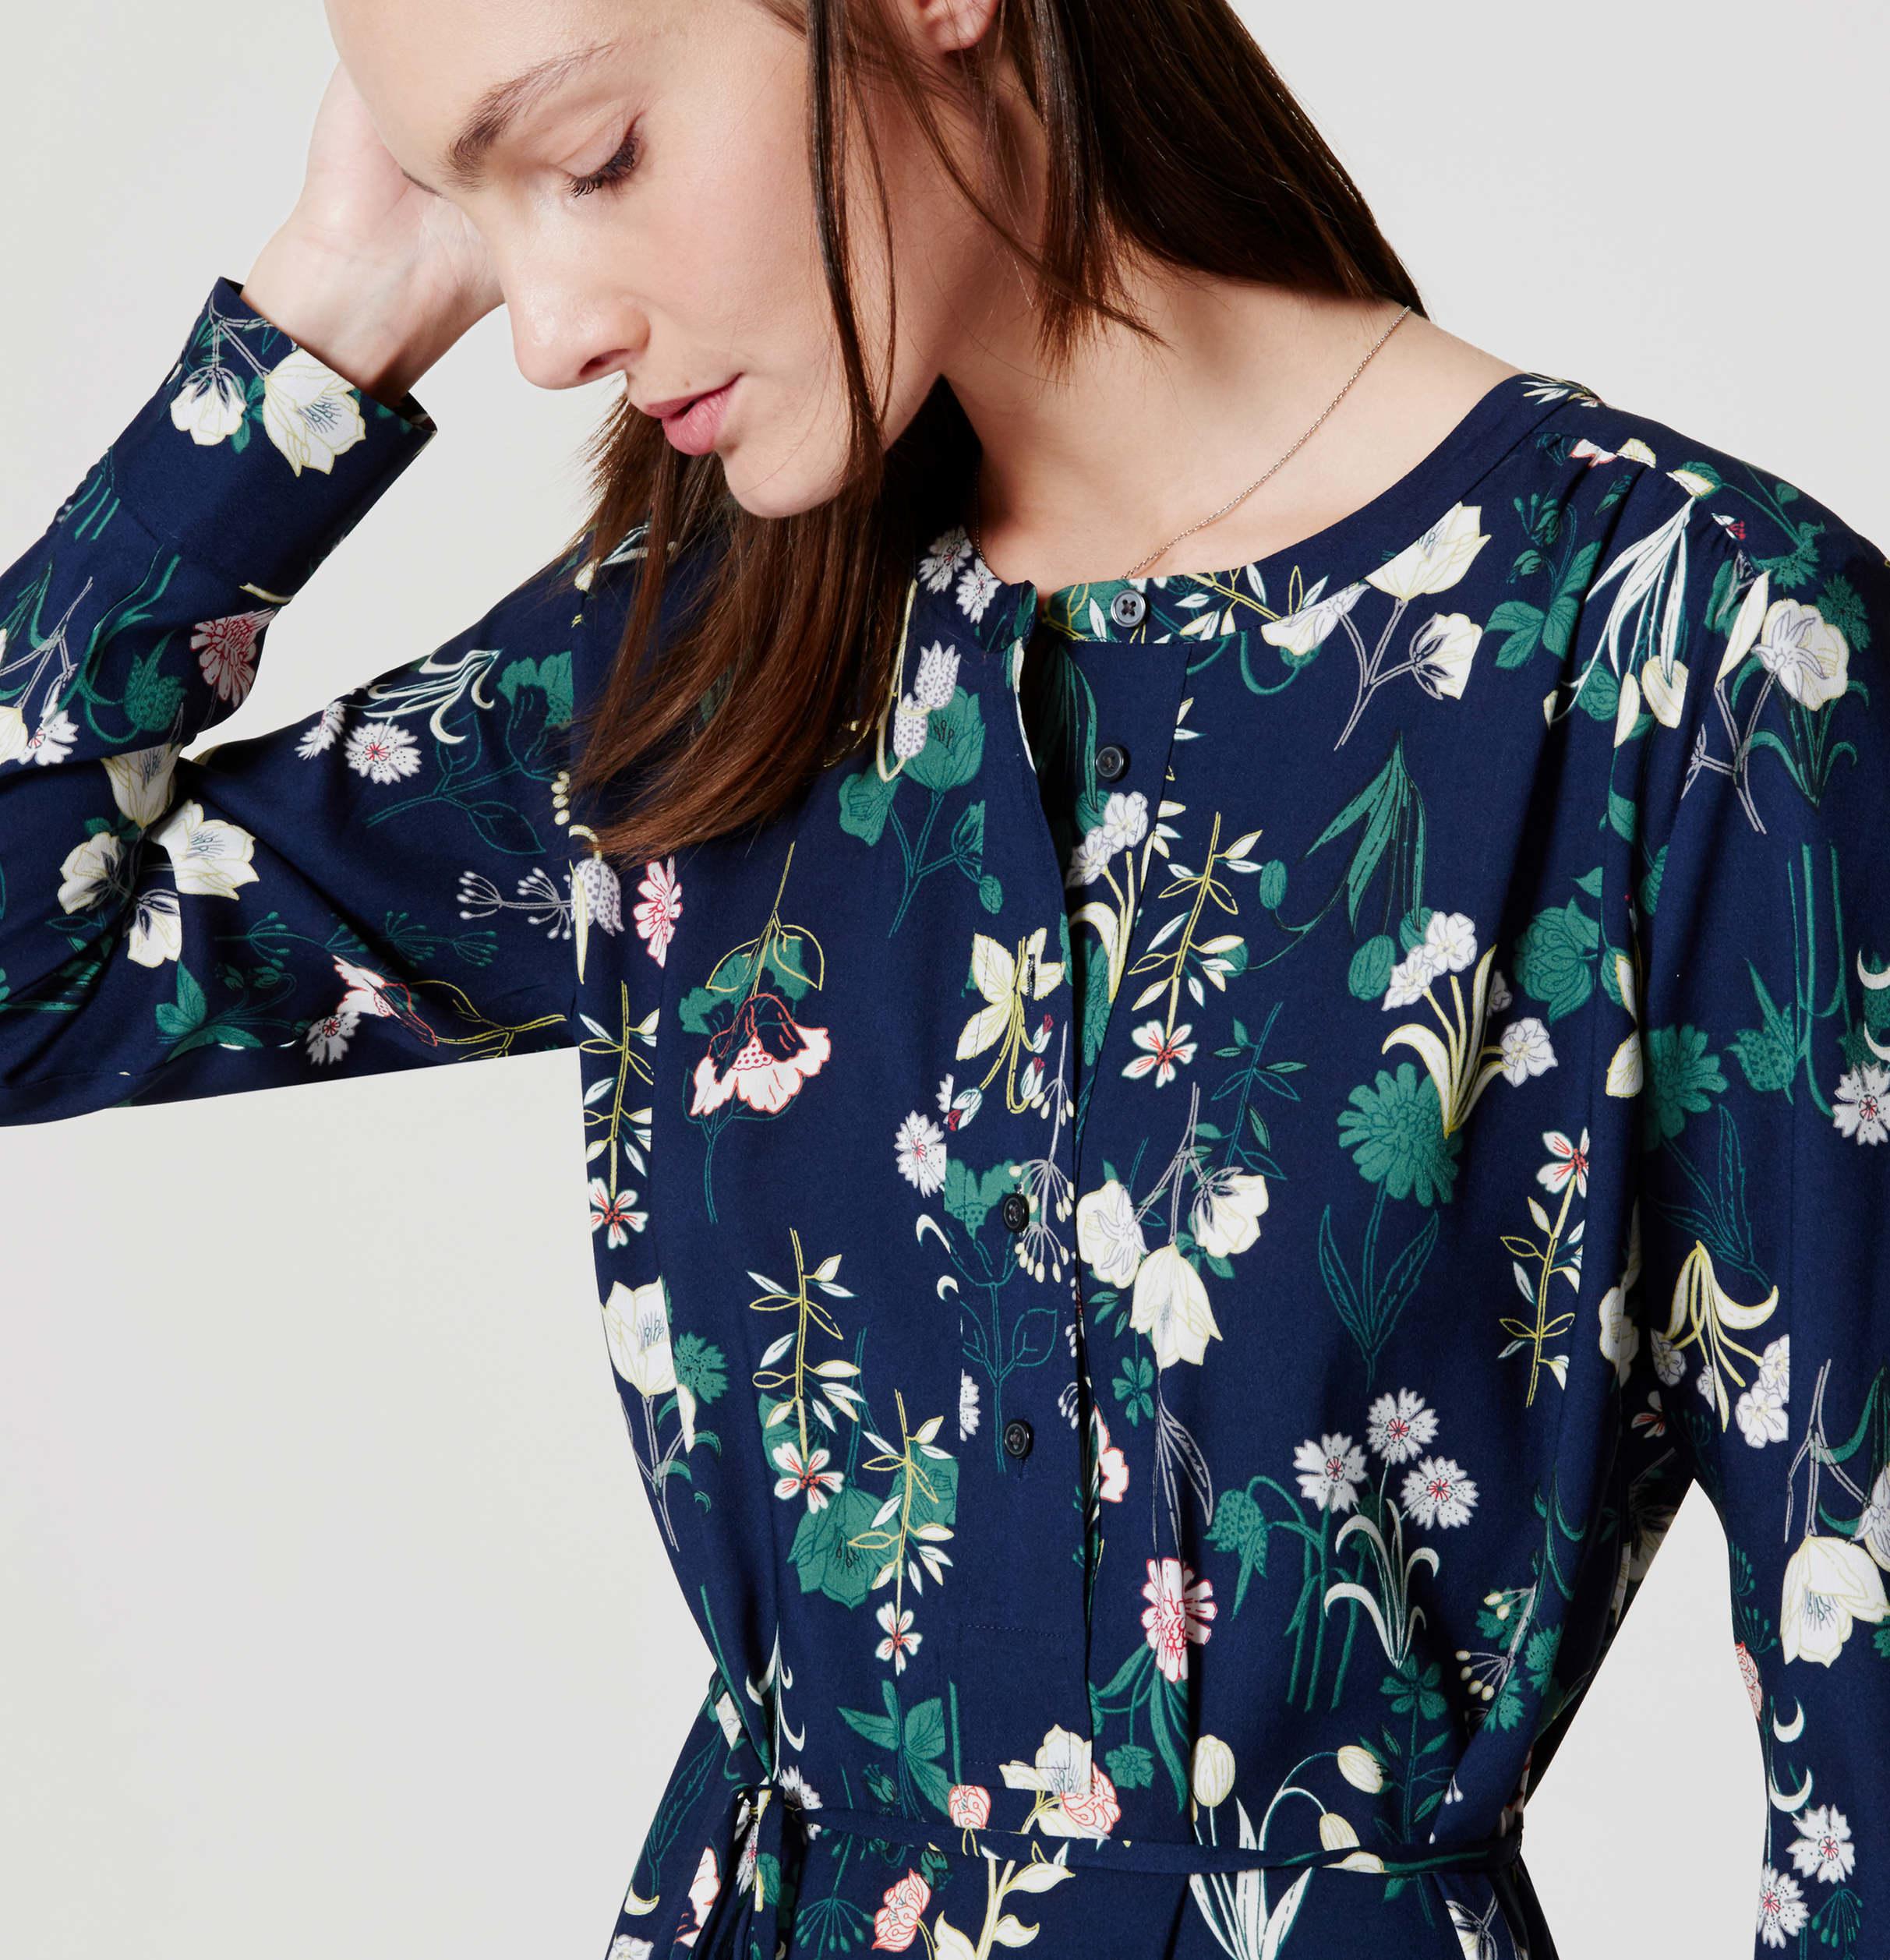 loft floral blouse. gallery loft floral blouse